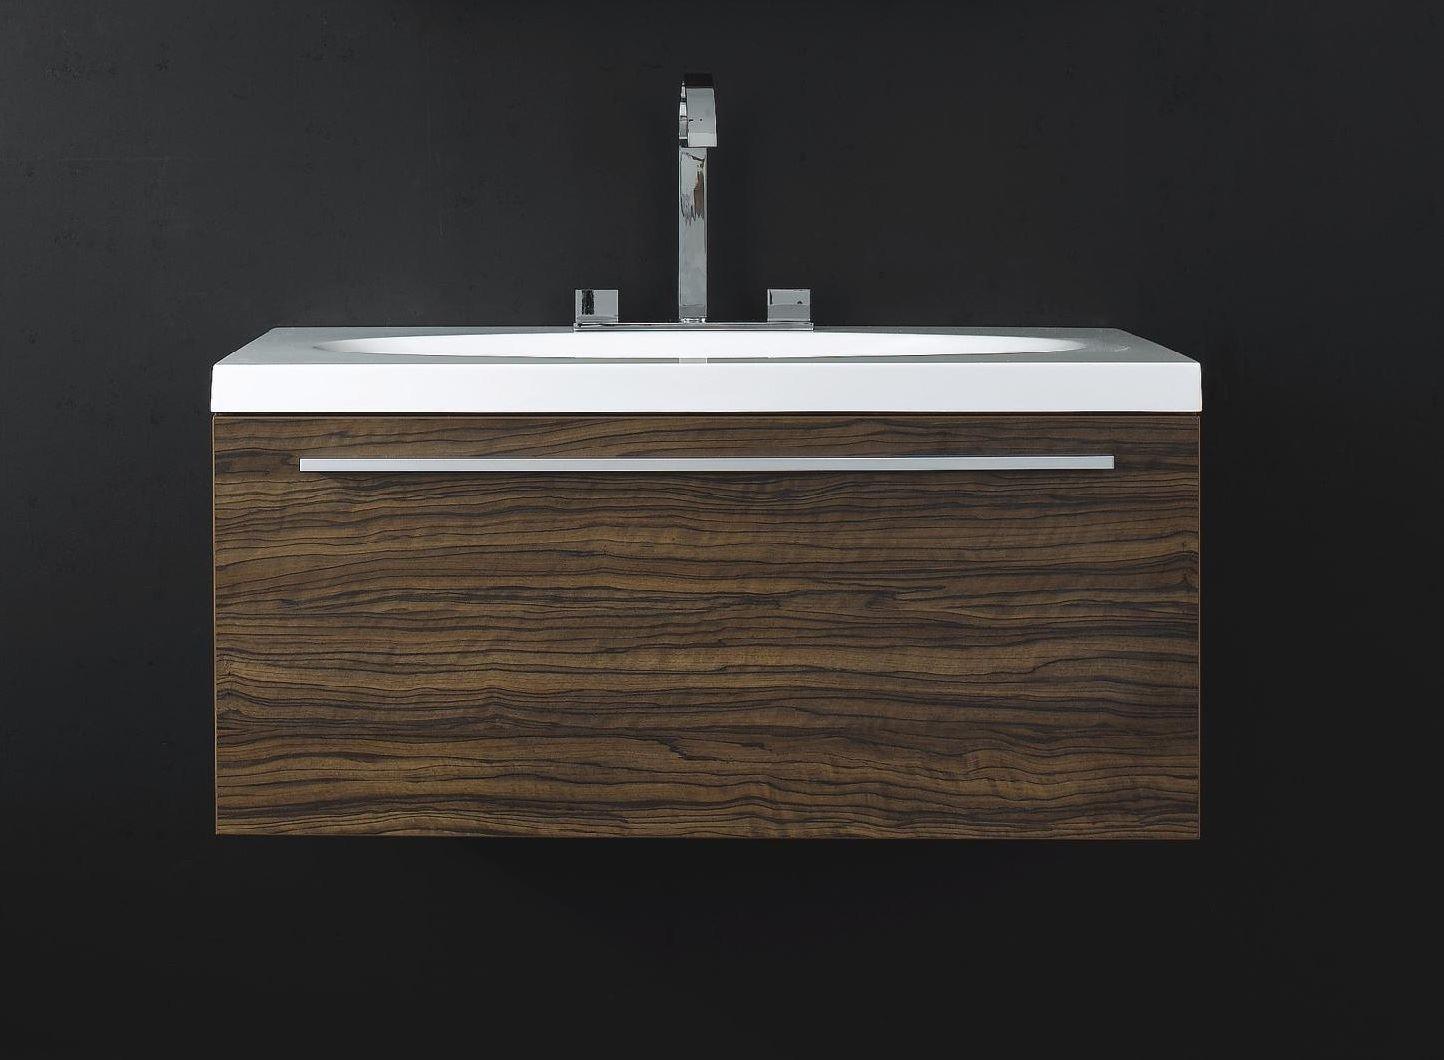 belle armoire de salle de bain 915l mm 1 tiroir ref ekc1d915 klaus klein exclusive design